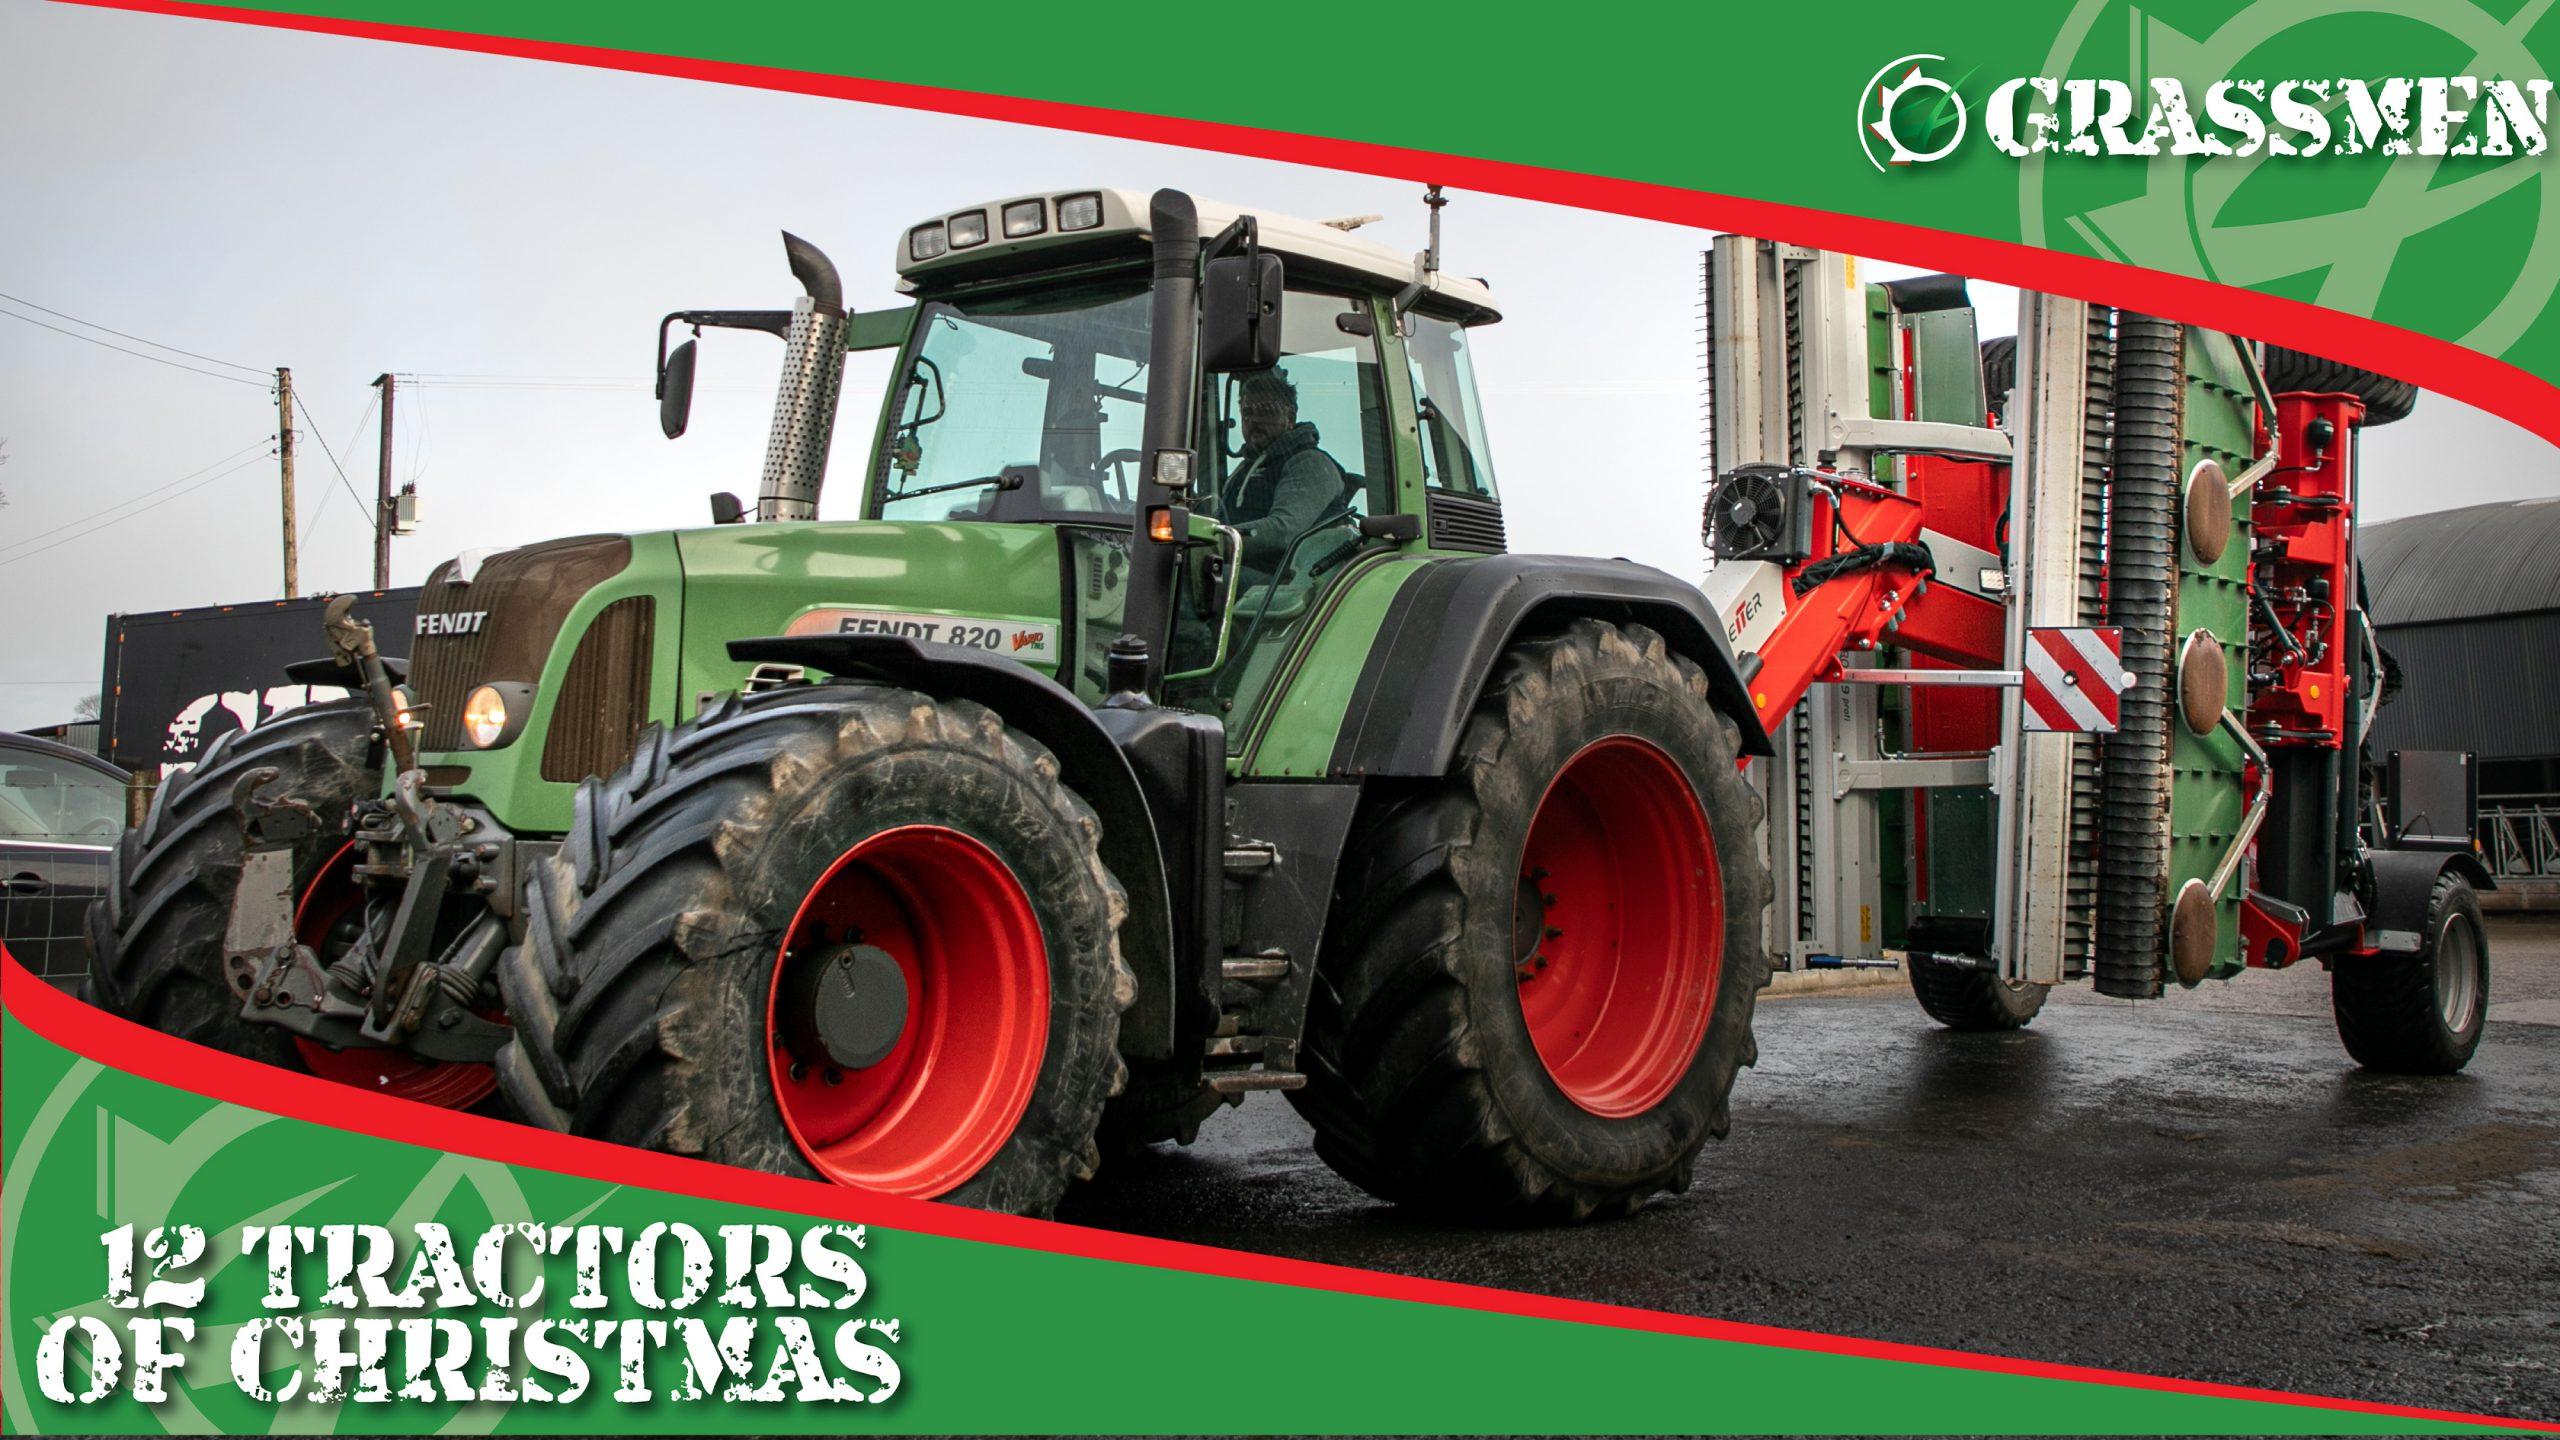 FENDT 820 - 12 Tractors of Christmas